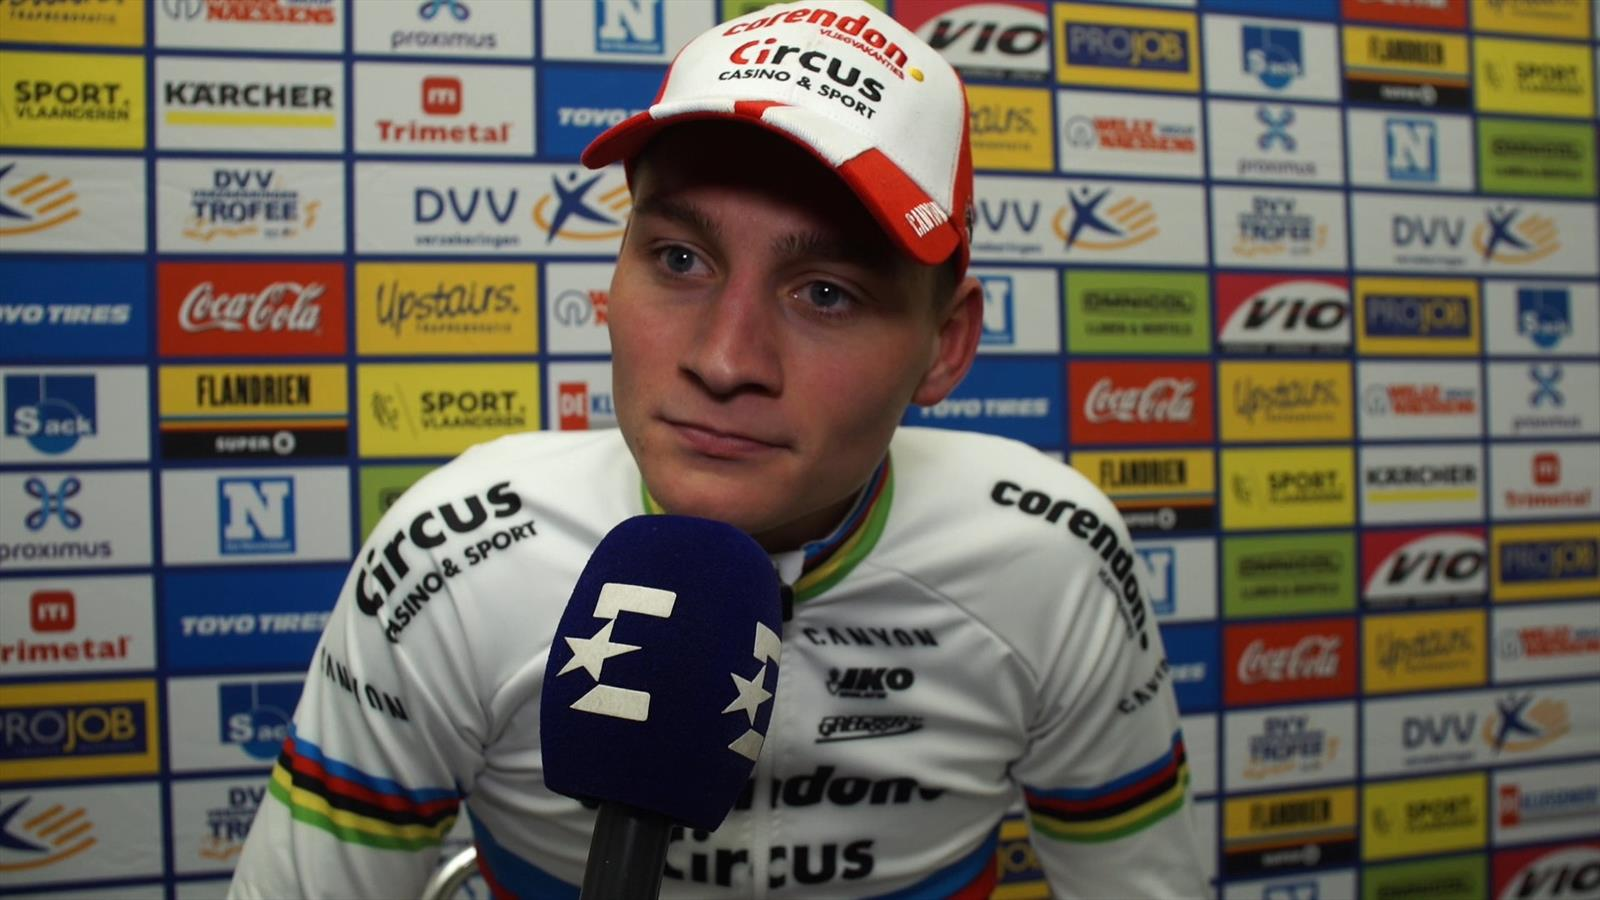 """DVV Trofee Hamme   Van Der Poel: """"Als ik niet had gereden was het nog moeilijker geweest"""" - Eurosport Nederland"""